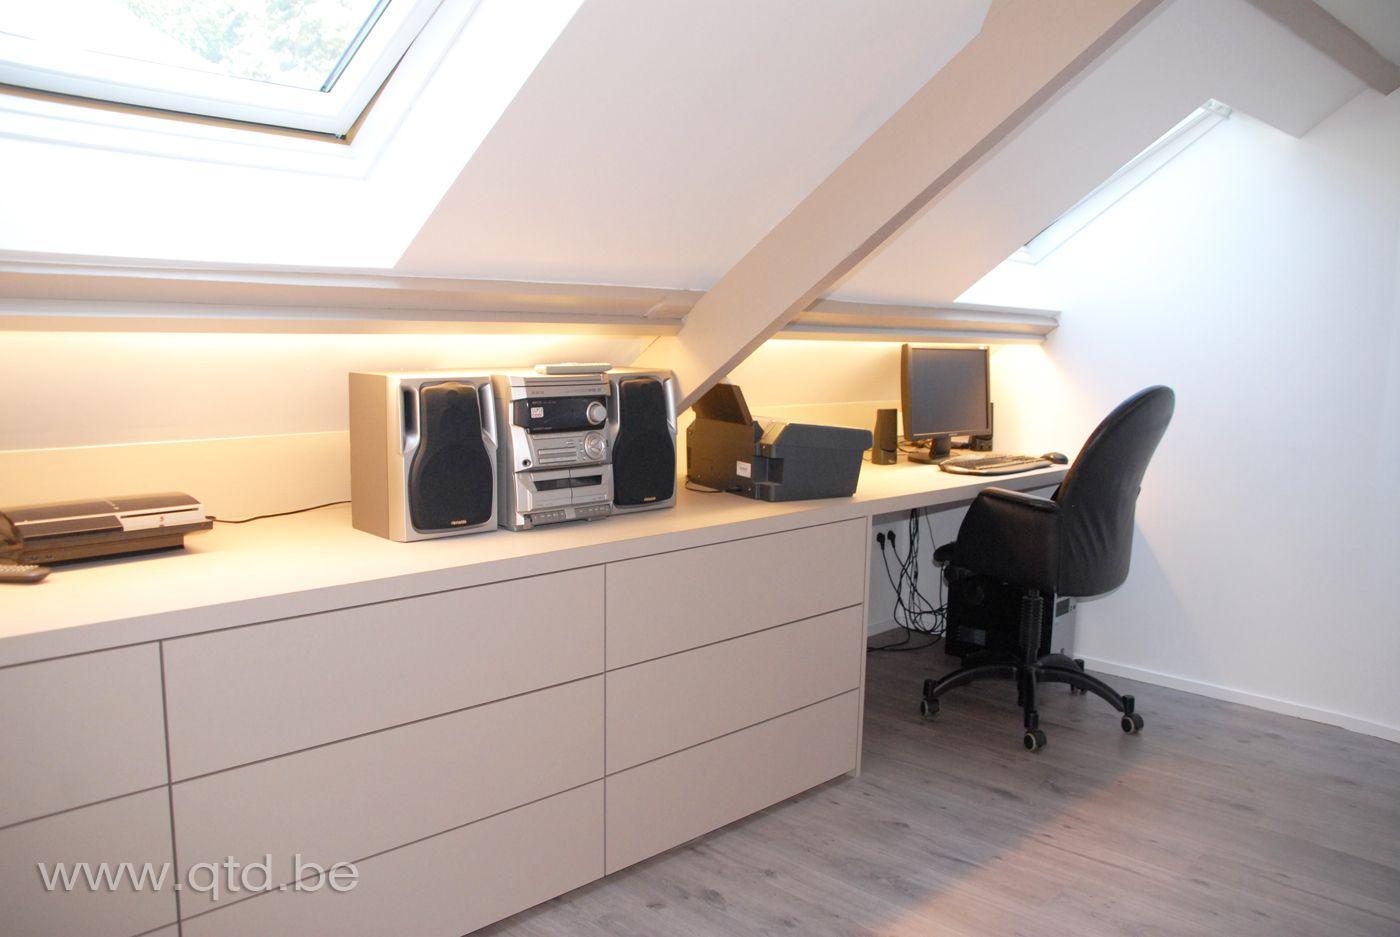 Studeren Op Zolder Quali Time Design Zolder Huis Zolder Kantoor Slaapkamers Op Zolder